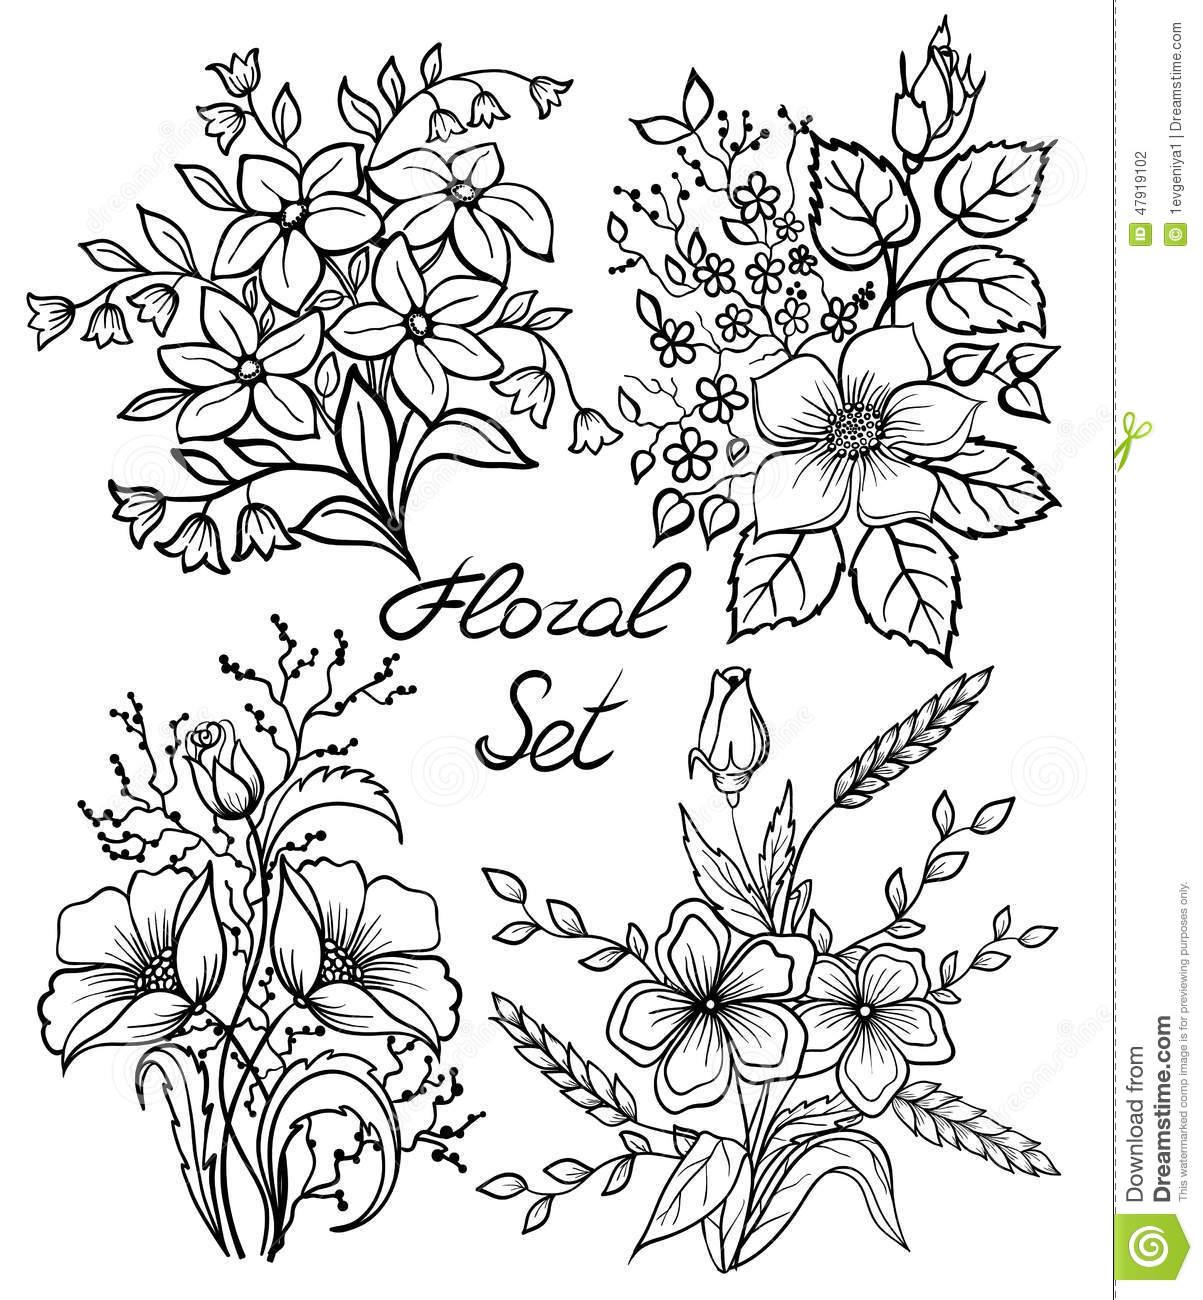 1203x1300 Coloring Floral Sets